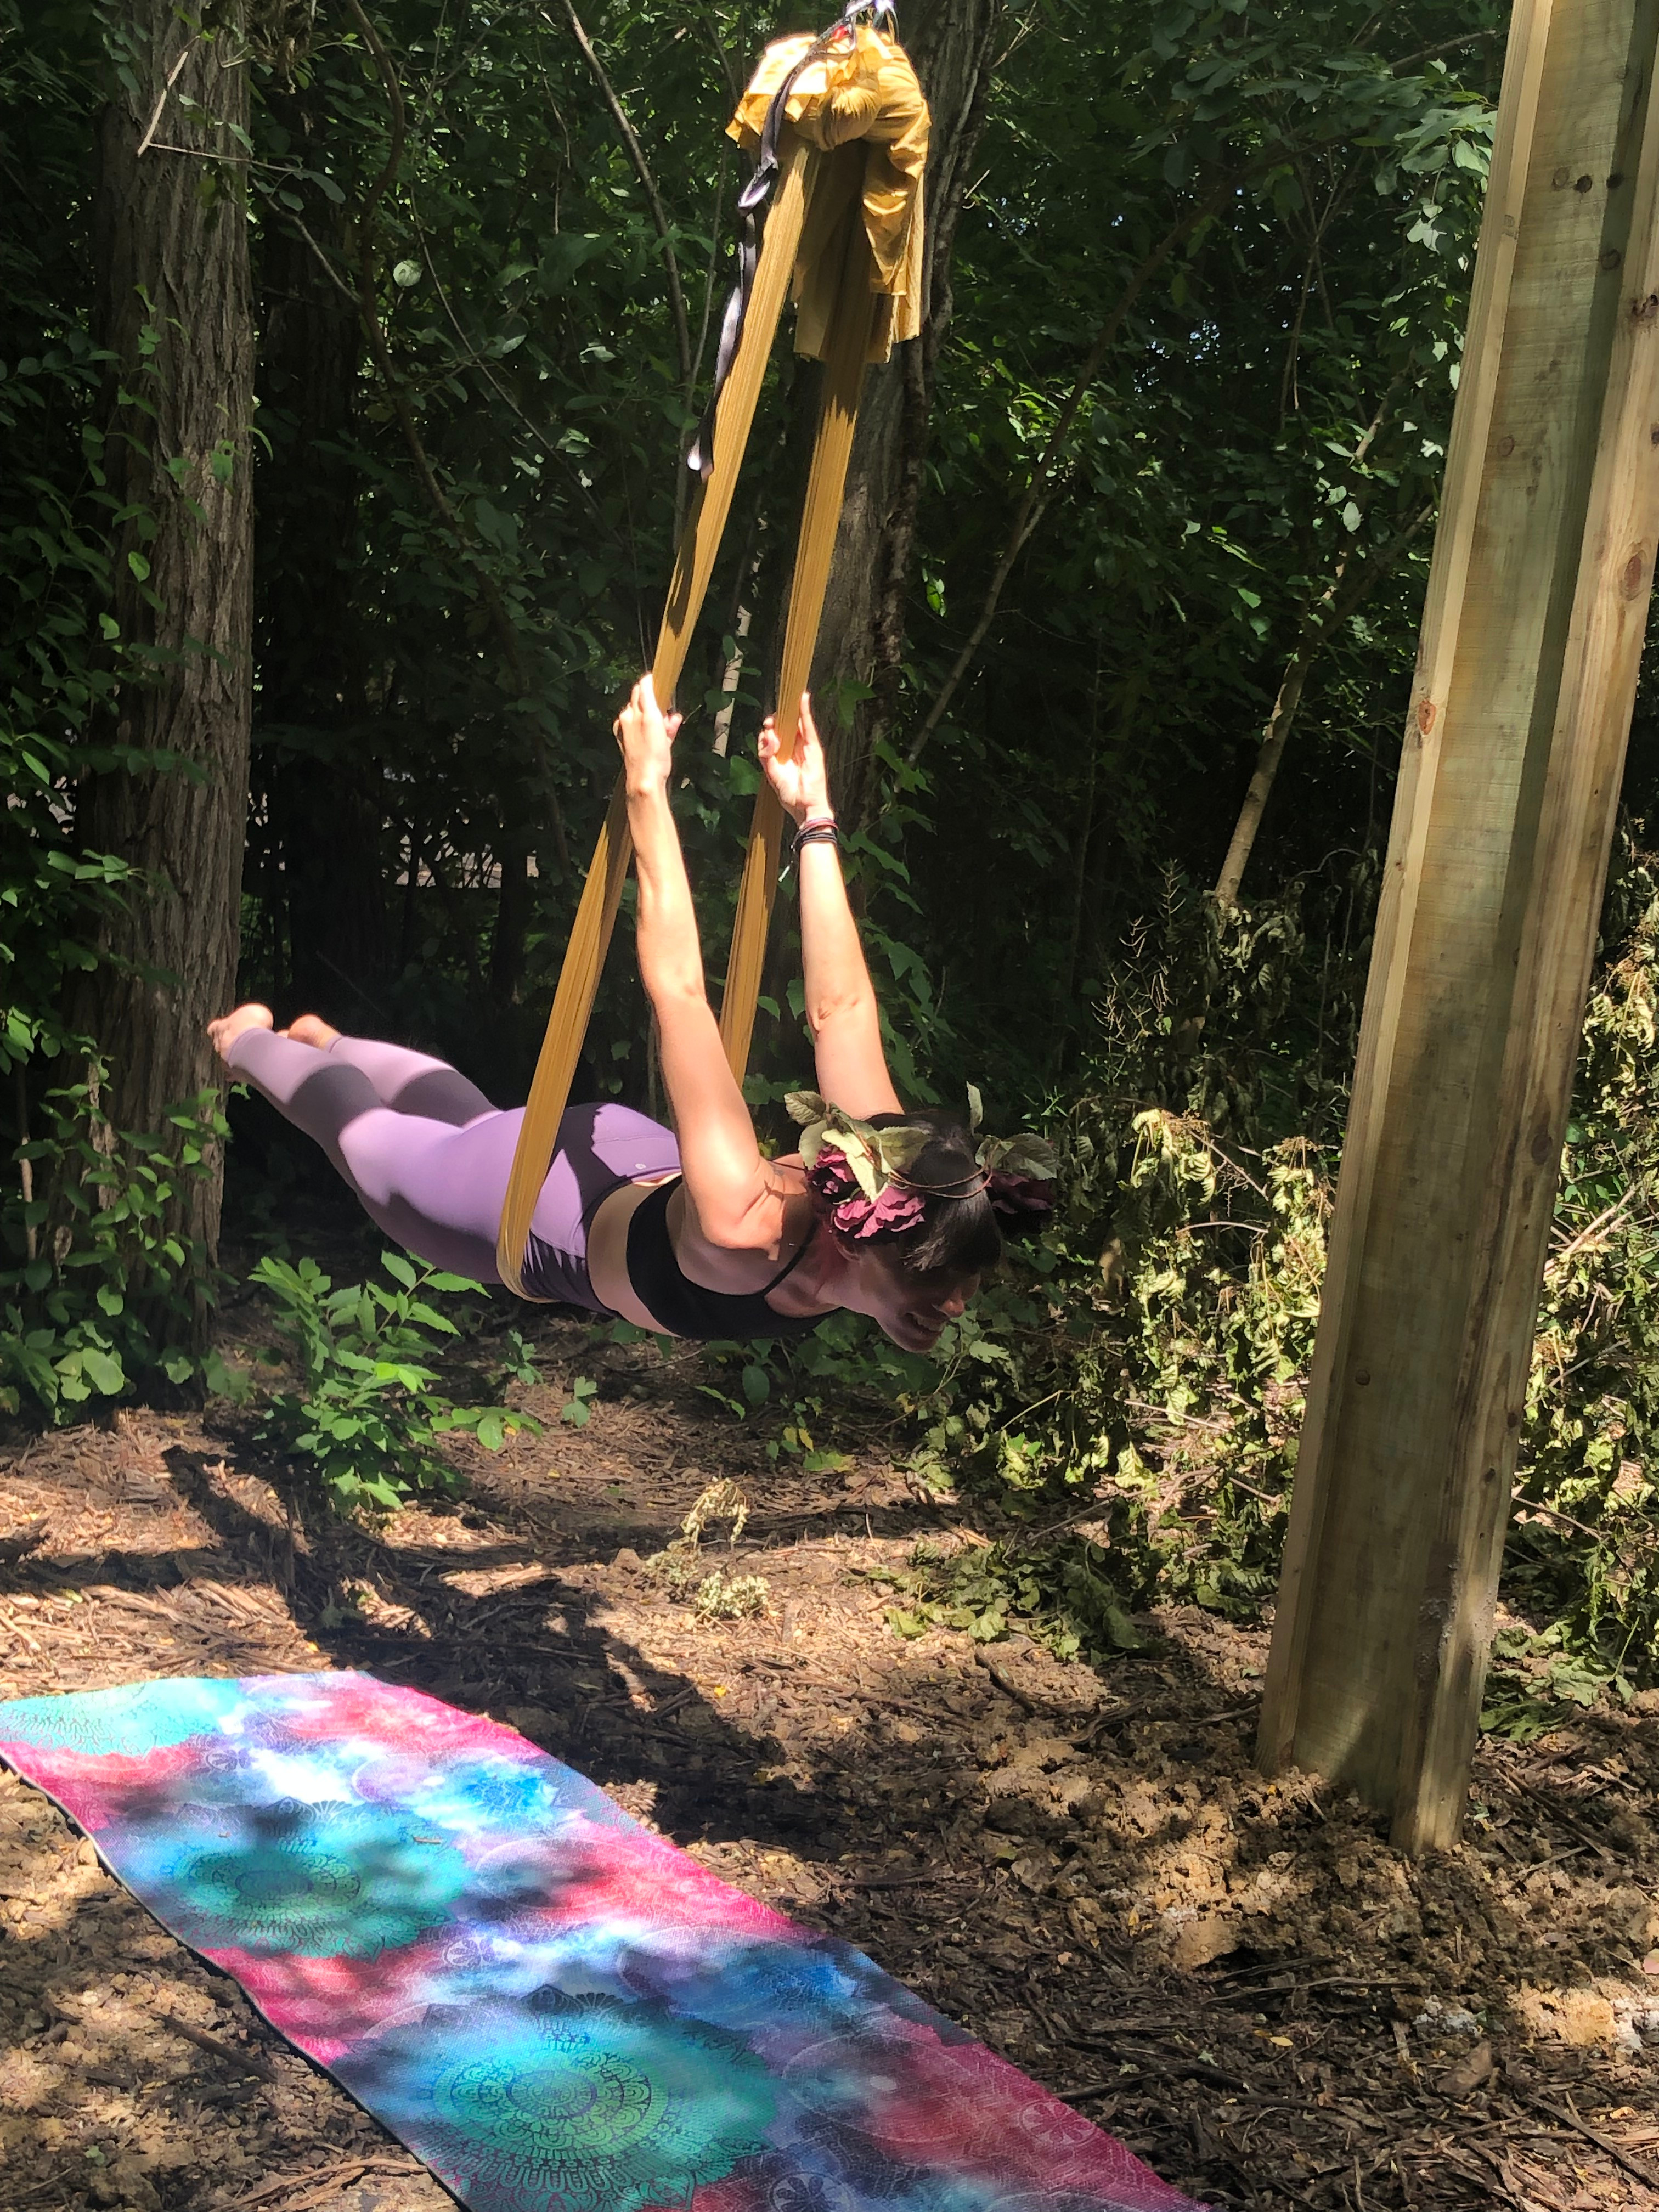 Garden Aerial Yoga - Outside